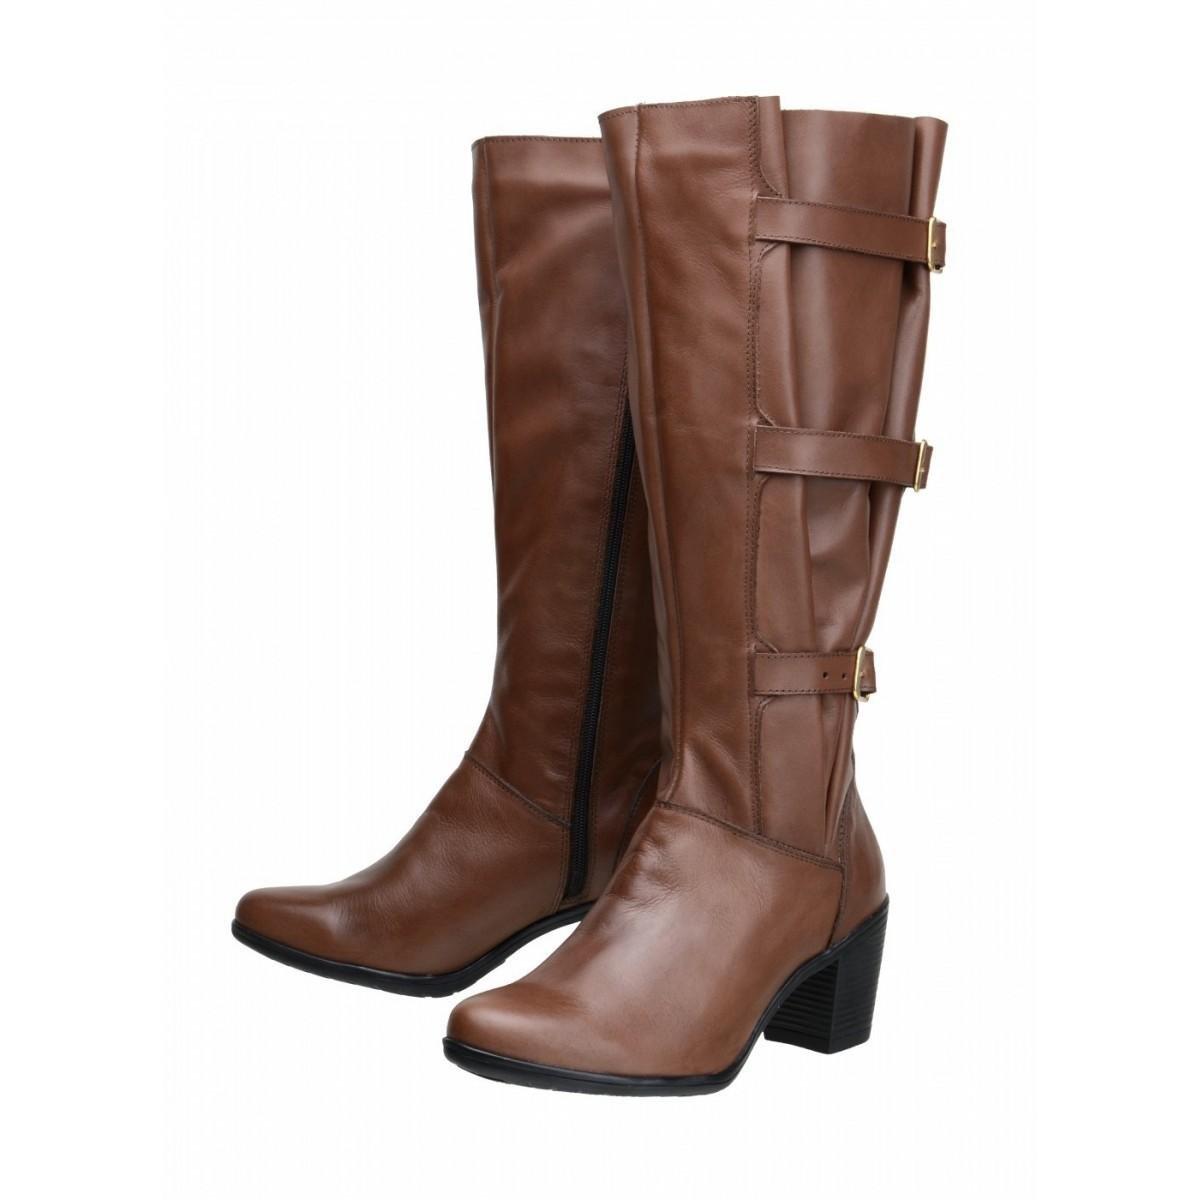 Bota Alto Couro Cano Bota Cano Alto Atron Shoes Legítimo Atron Marrom Shoes Ajustável rwF1rAnx